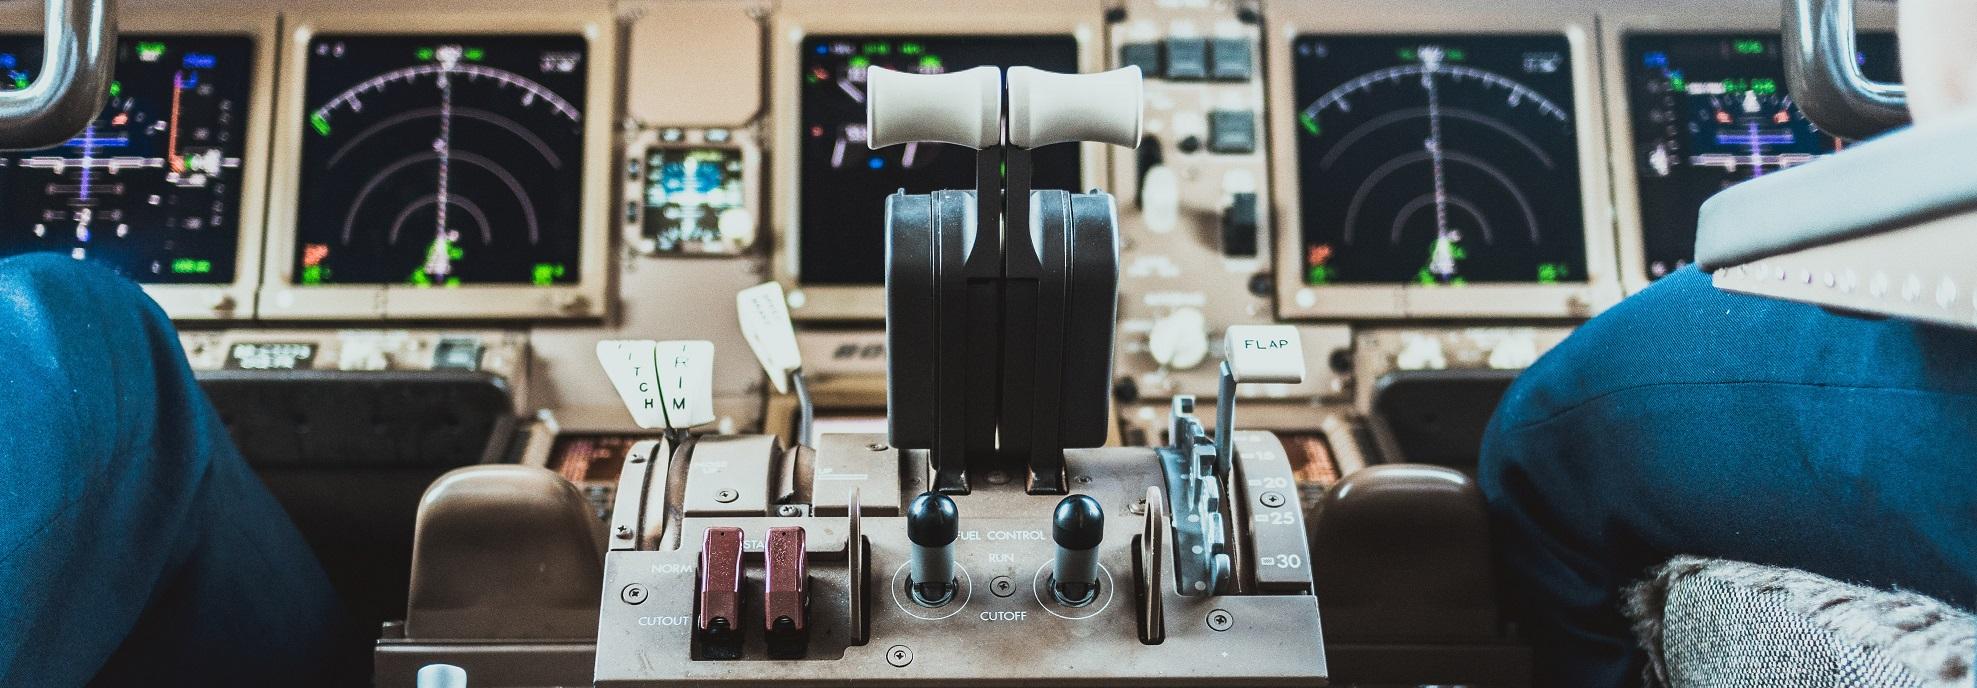 EMI RFI Filter connectors